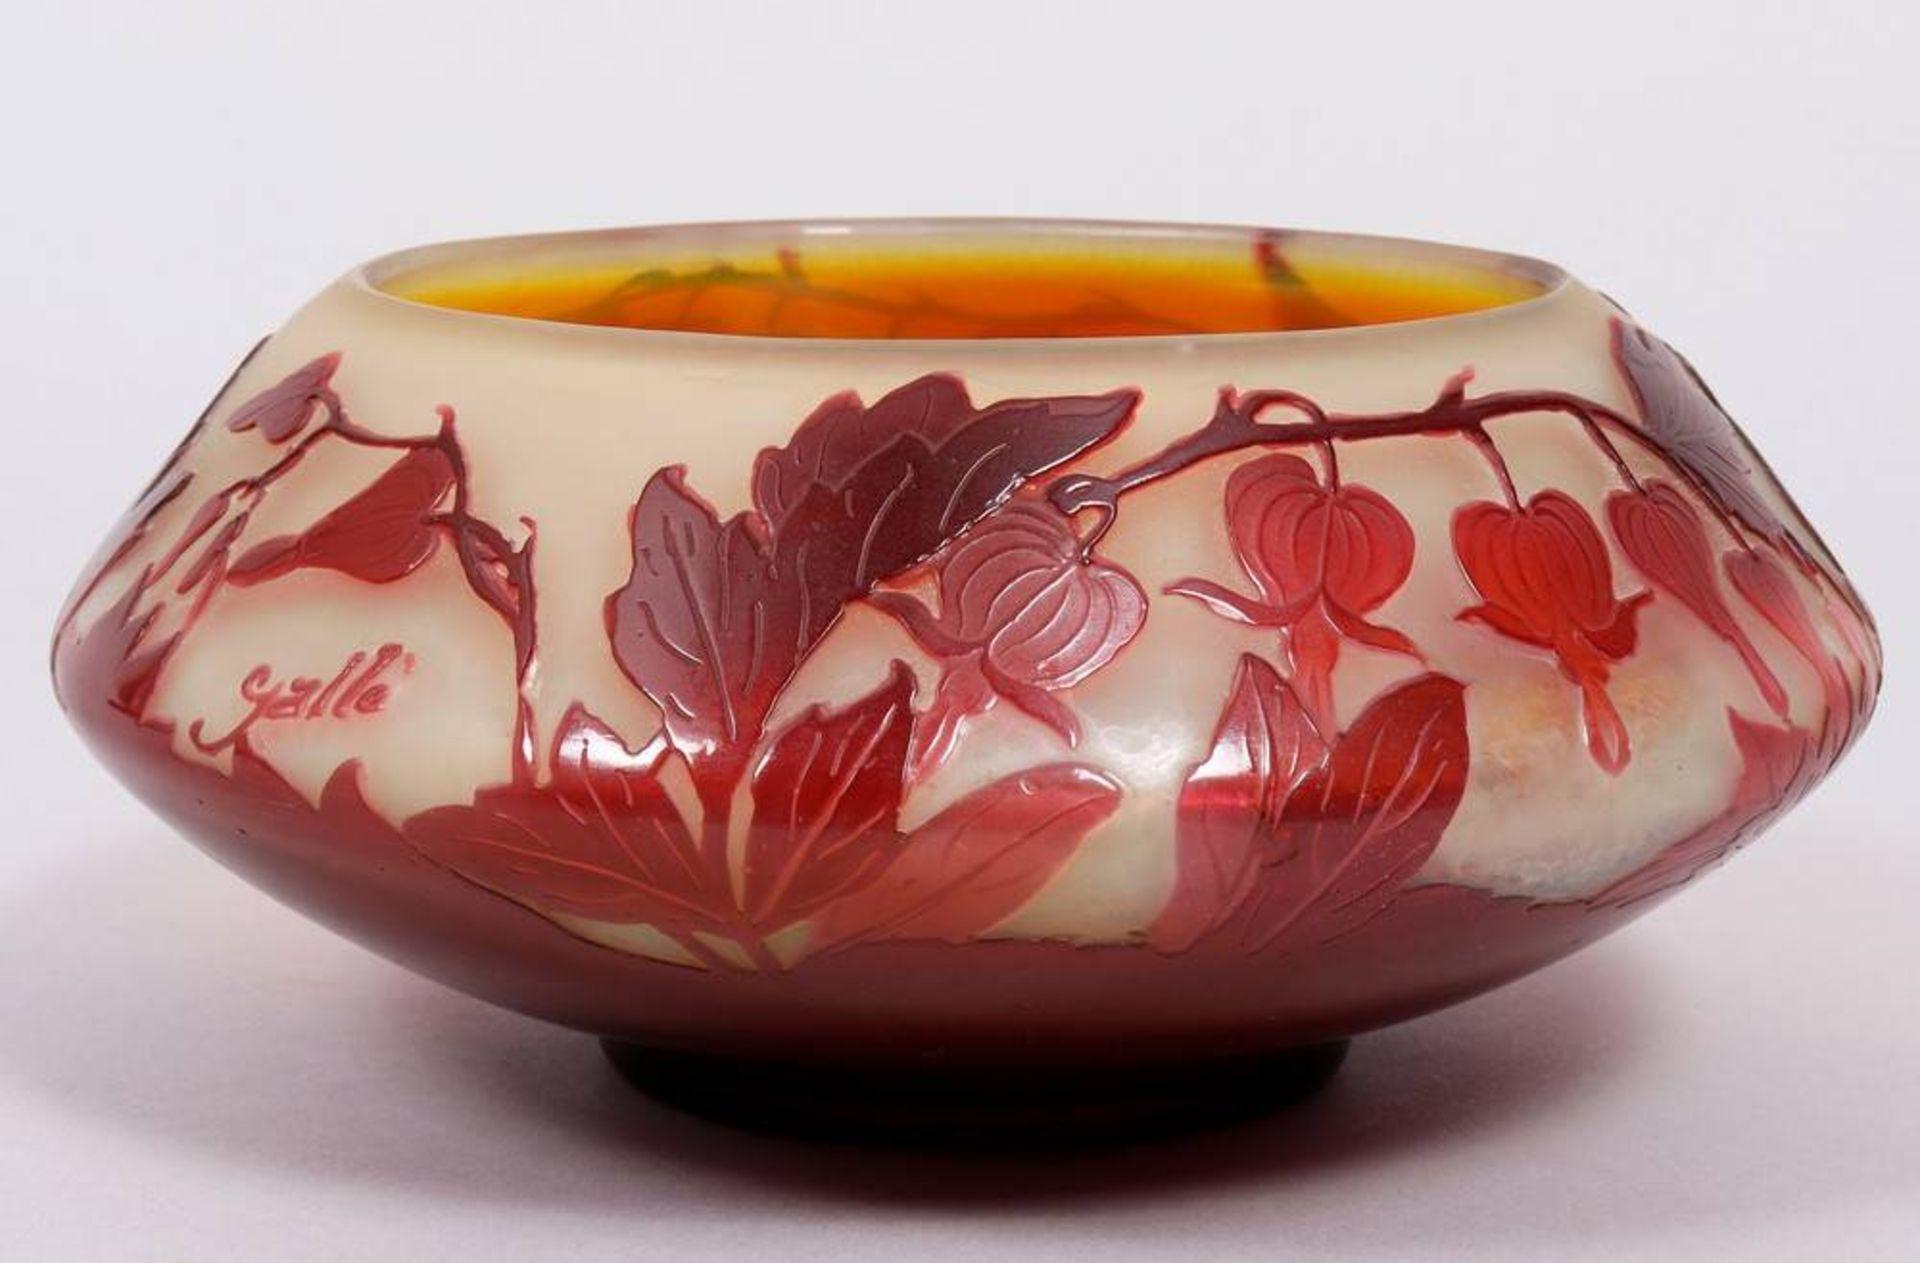 Art Nouveau bowl, Émile Gallé (1846-1904), Nancy, ca. 1900